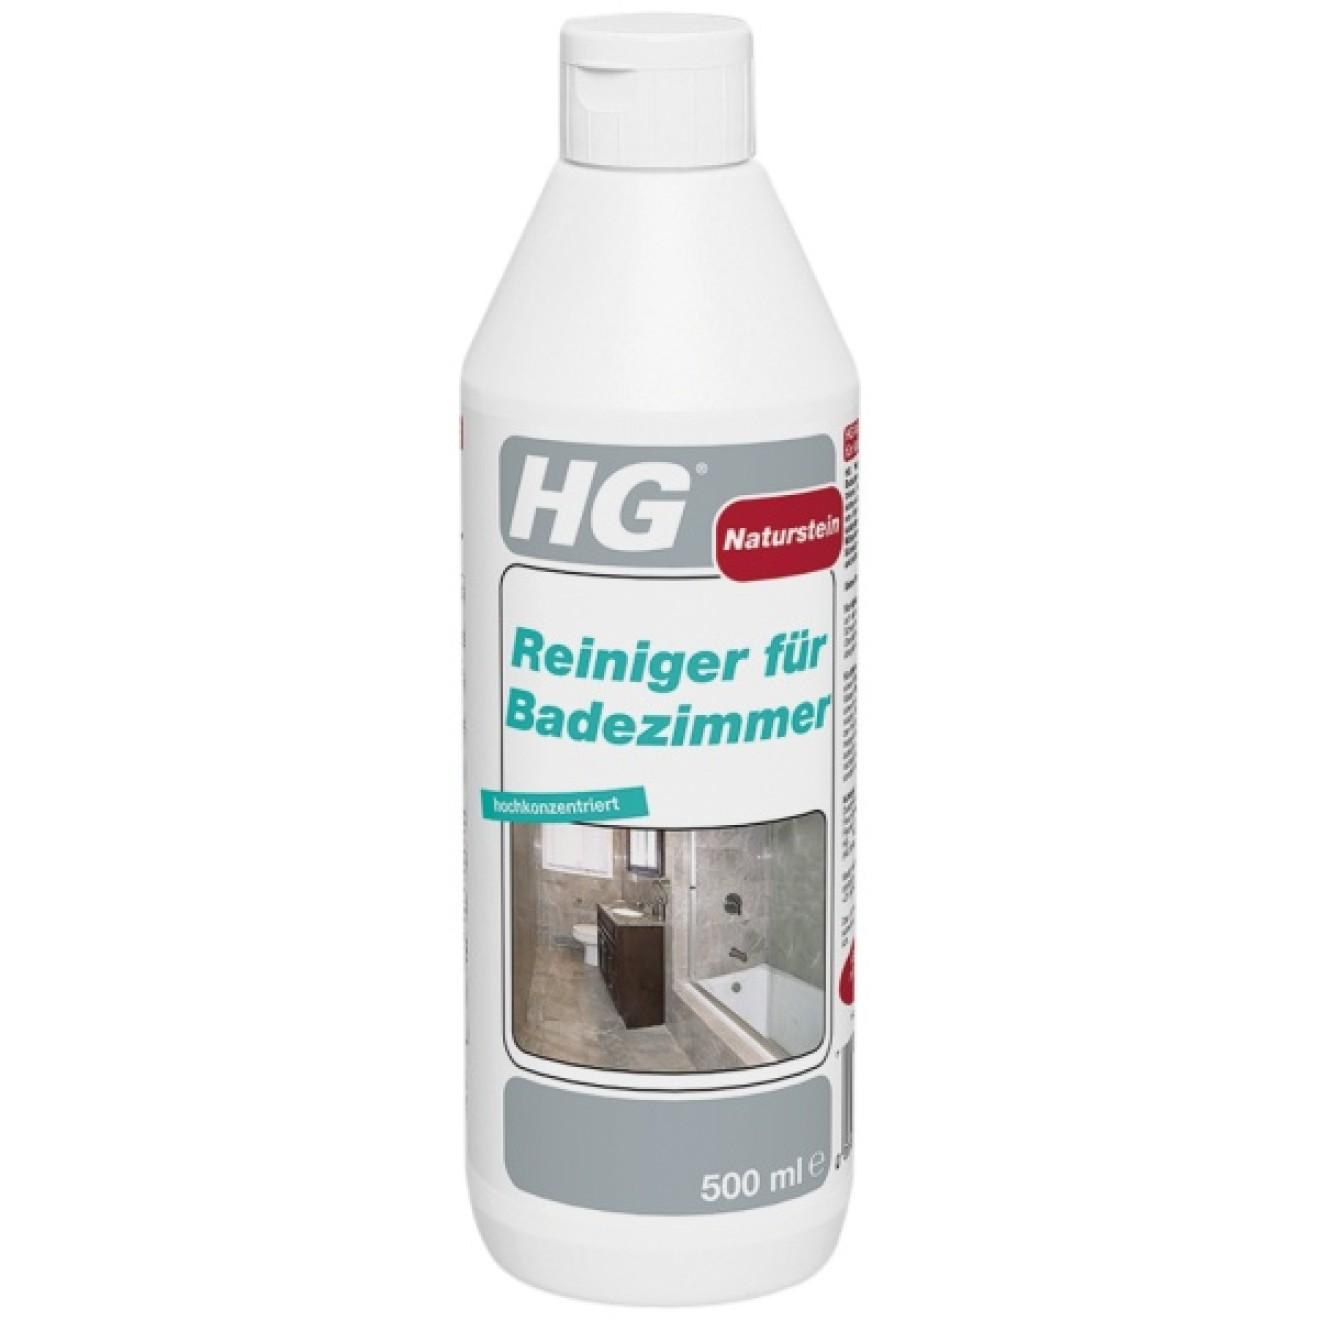 Hg natursteinreiniger f r badezimmer flasche 500 ml - Glasduschwand reinigen ...